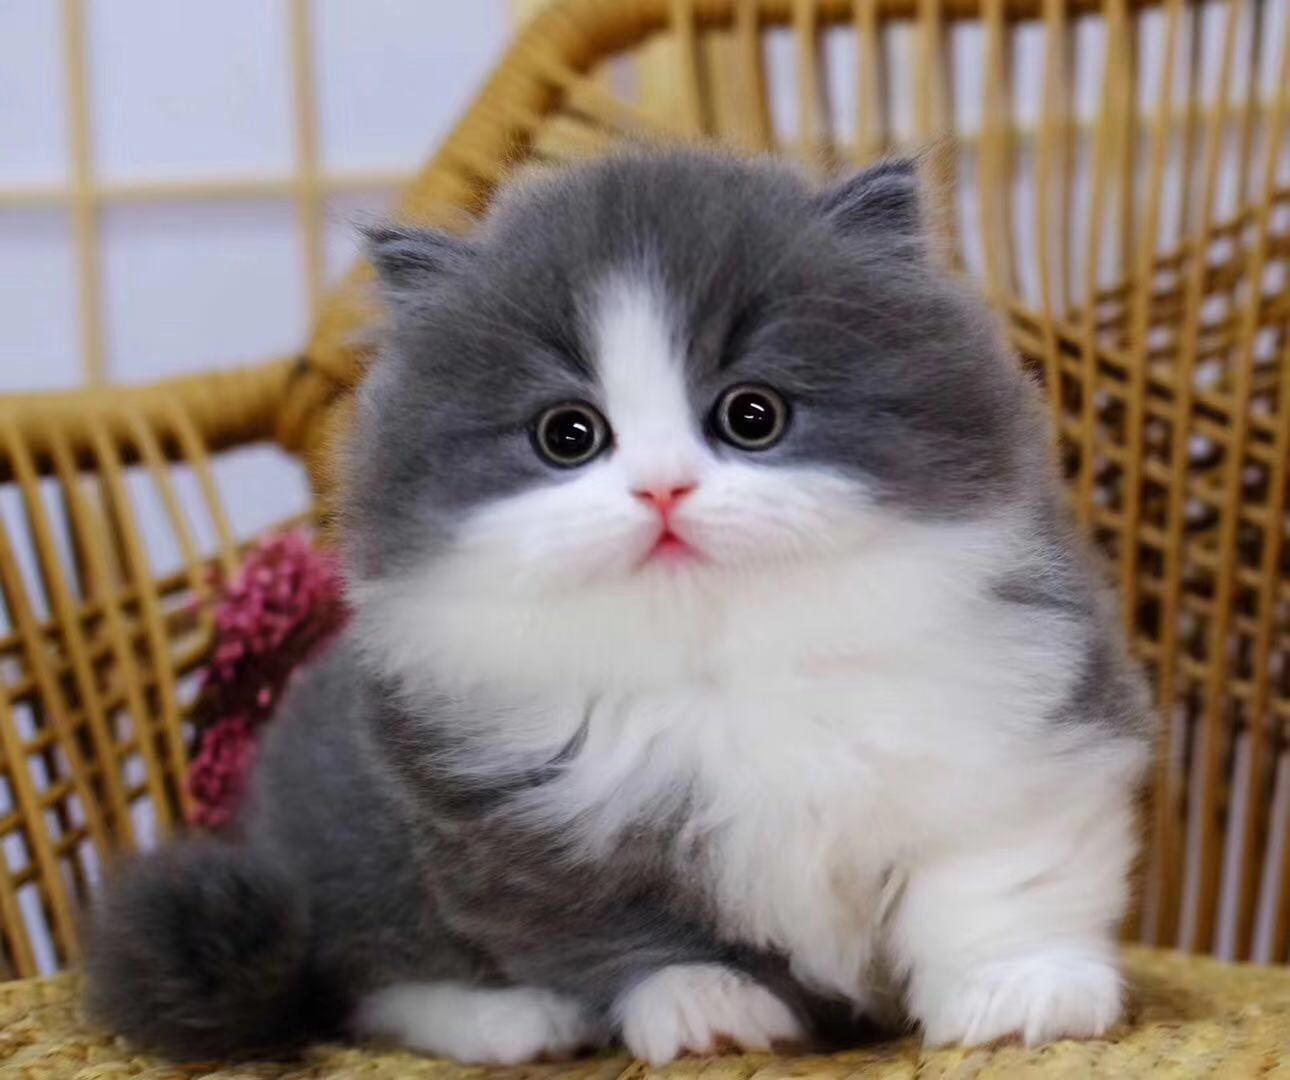 权威机构认证猫舍、专业英国短毛猫培育、完美售后服务